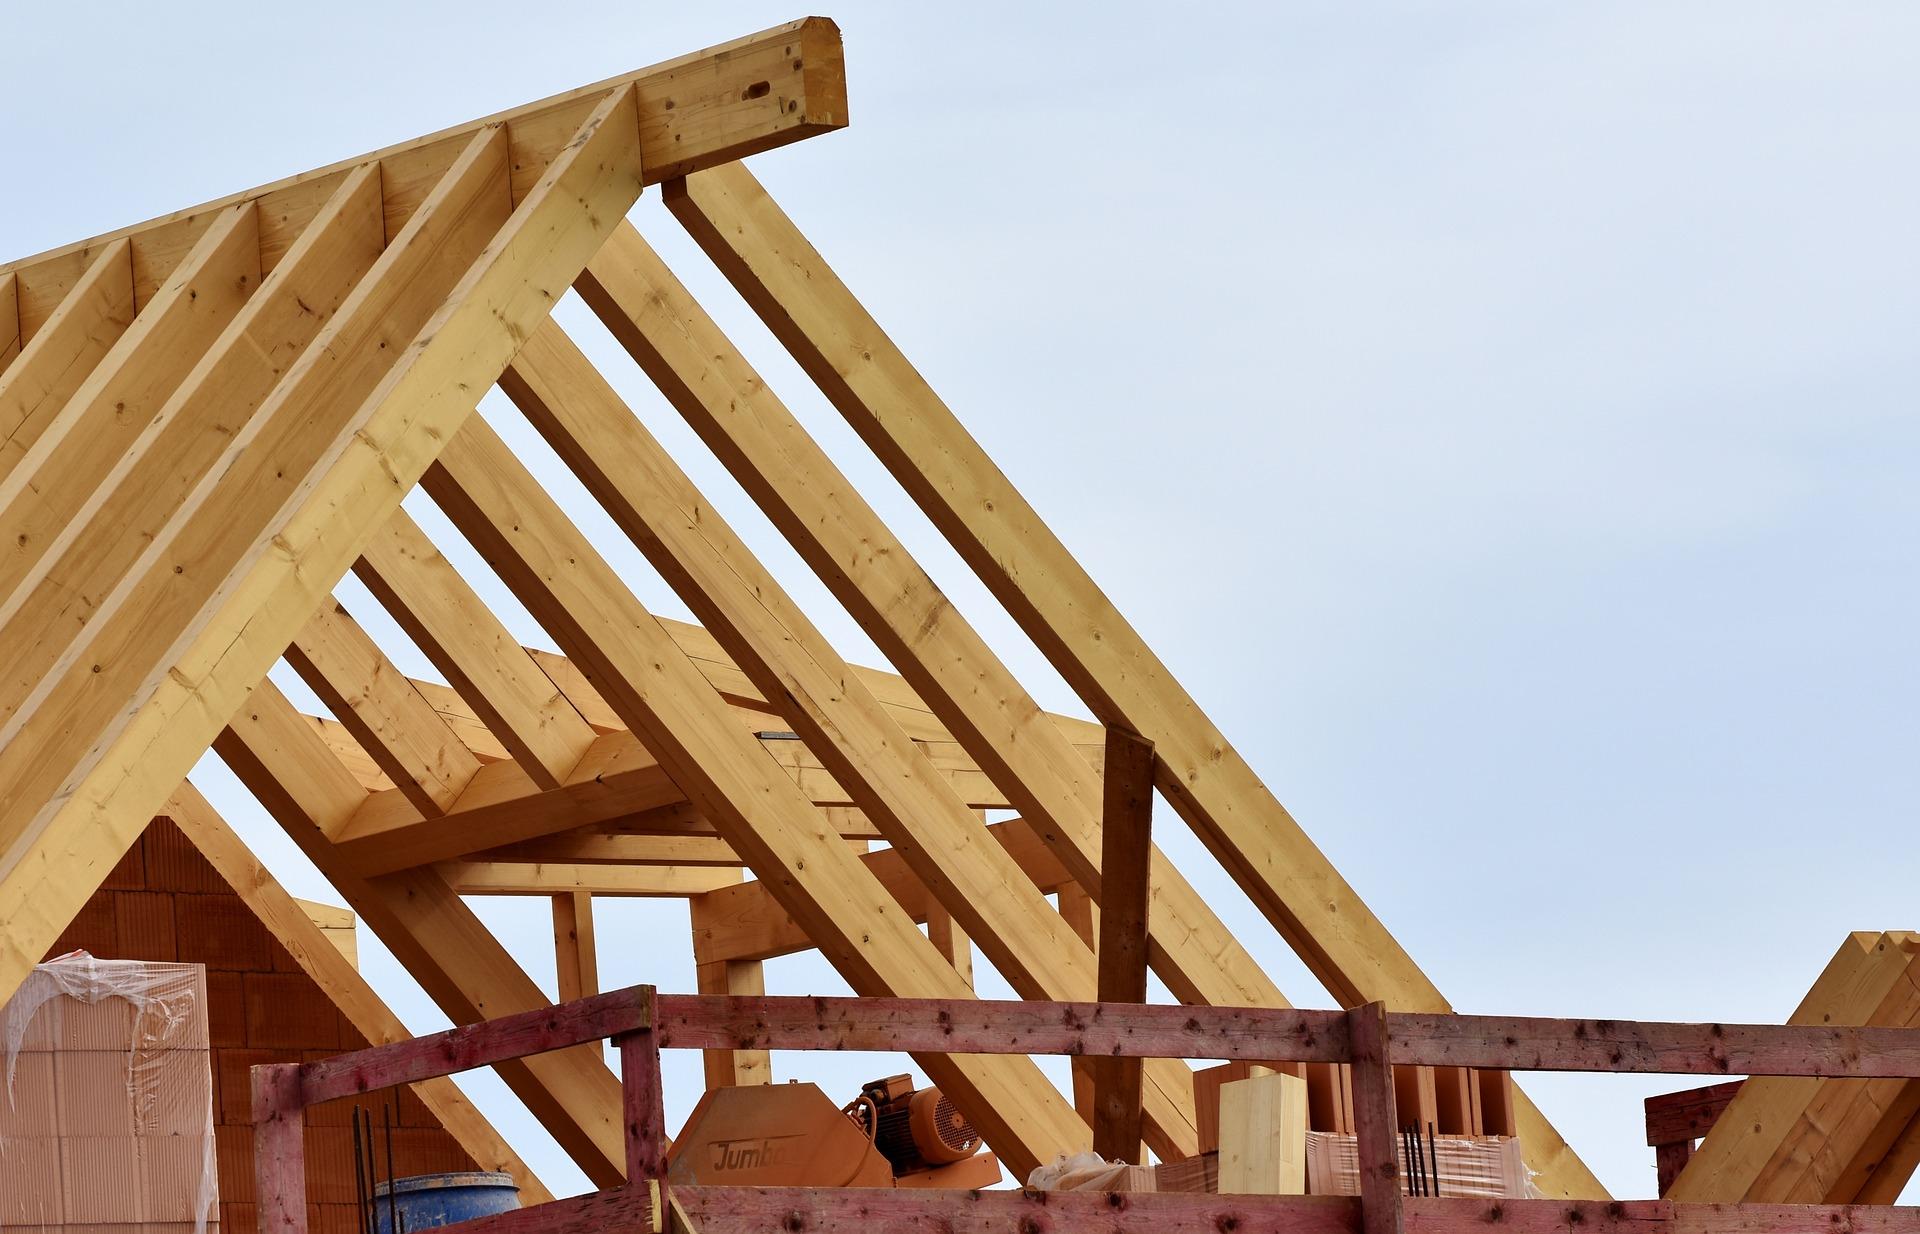 Find en samarbejdspartner med både håndværkere og tømrer til renovering af hus på hansenlarsen.dk